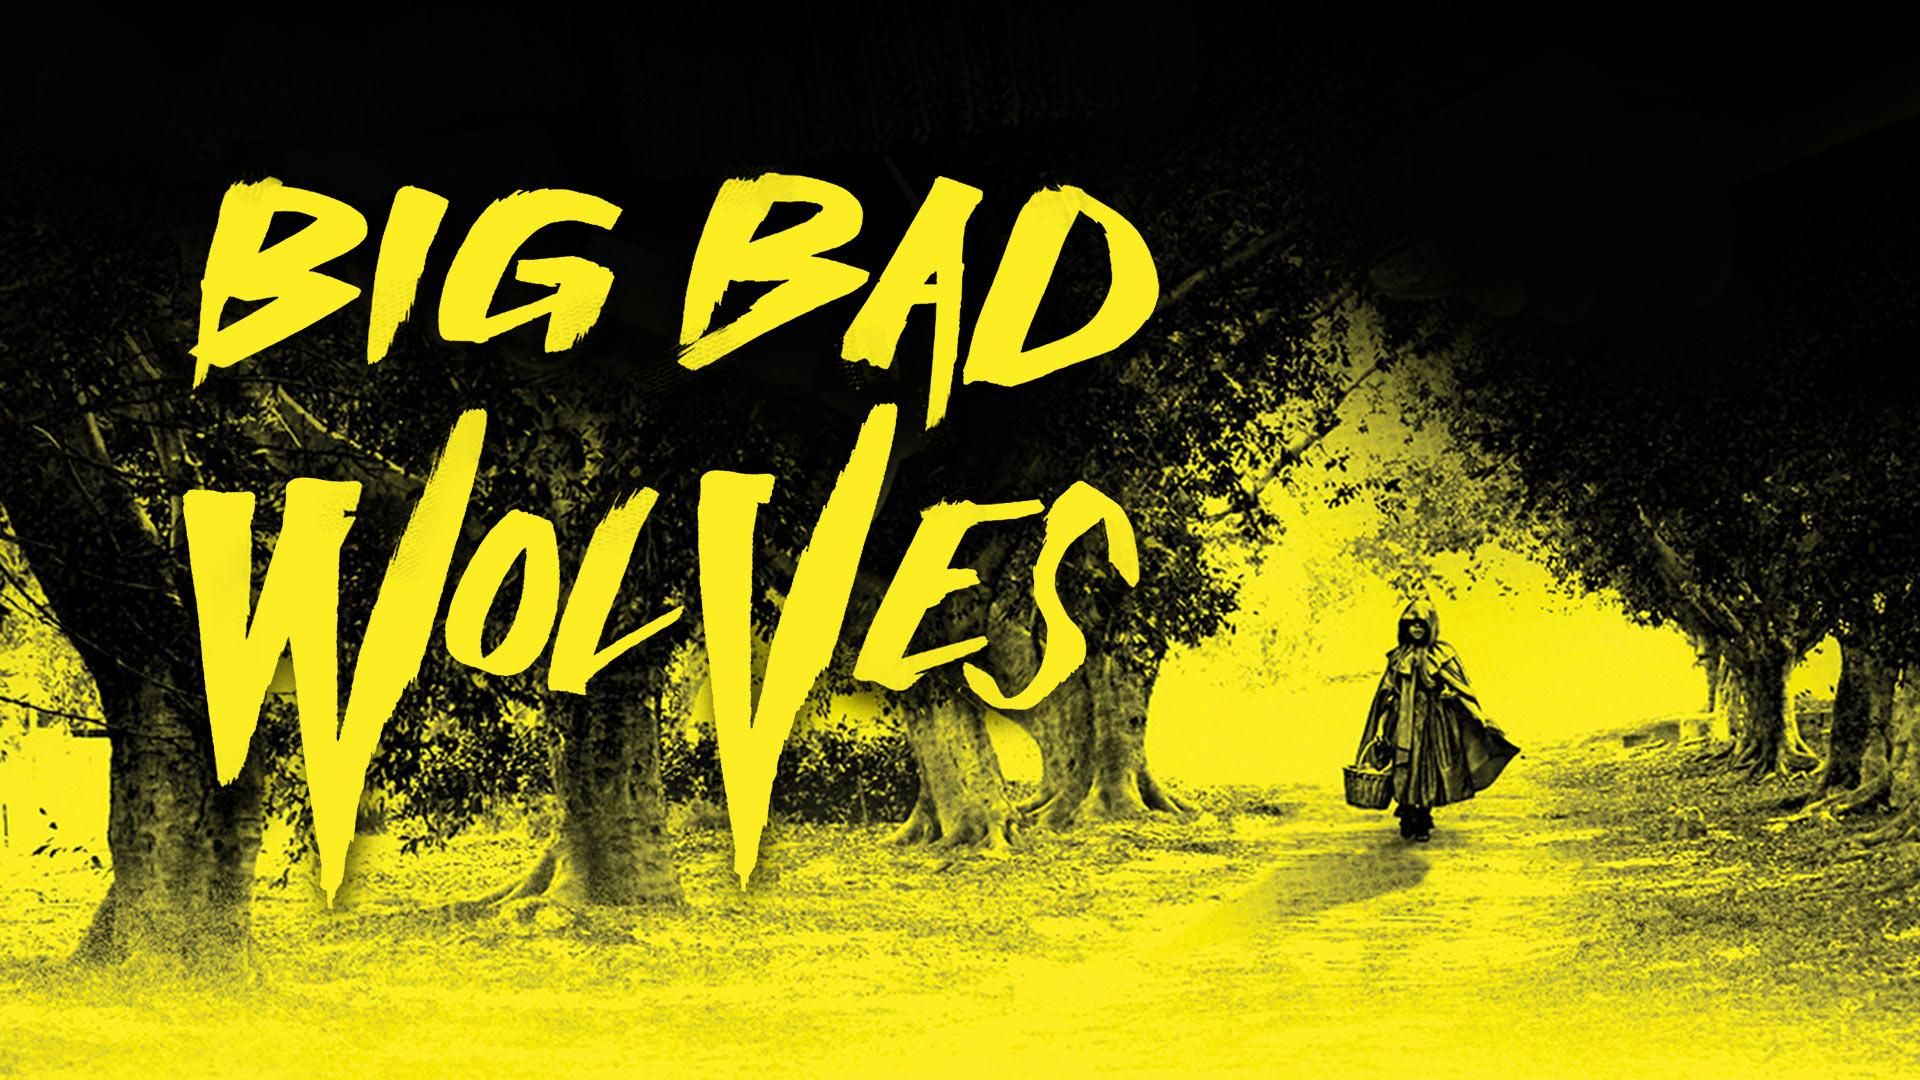 Big Bad Wolves (English Subtitled)